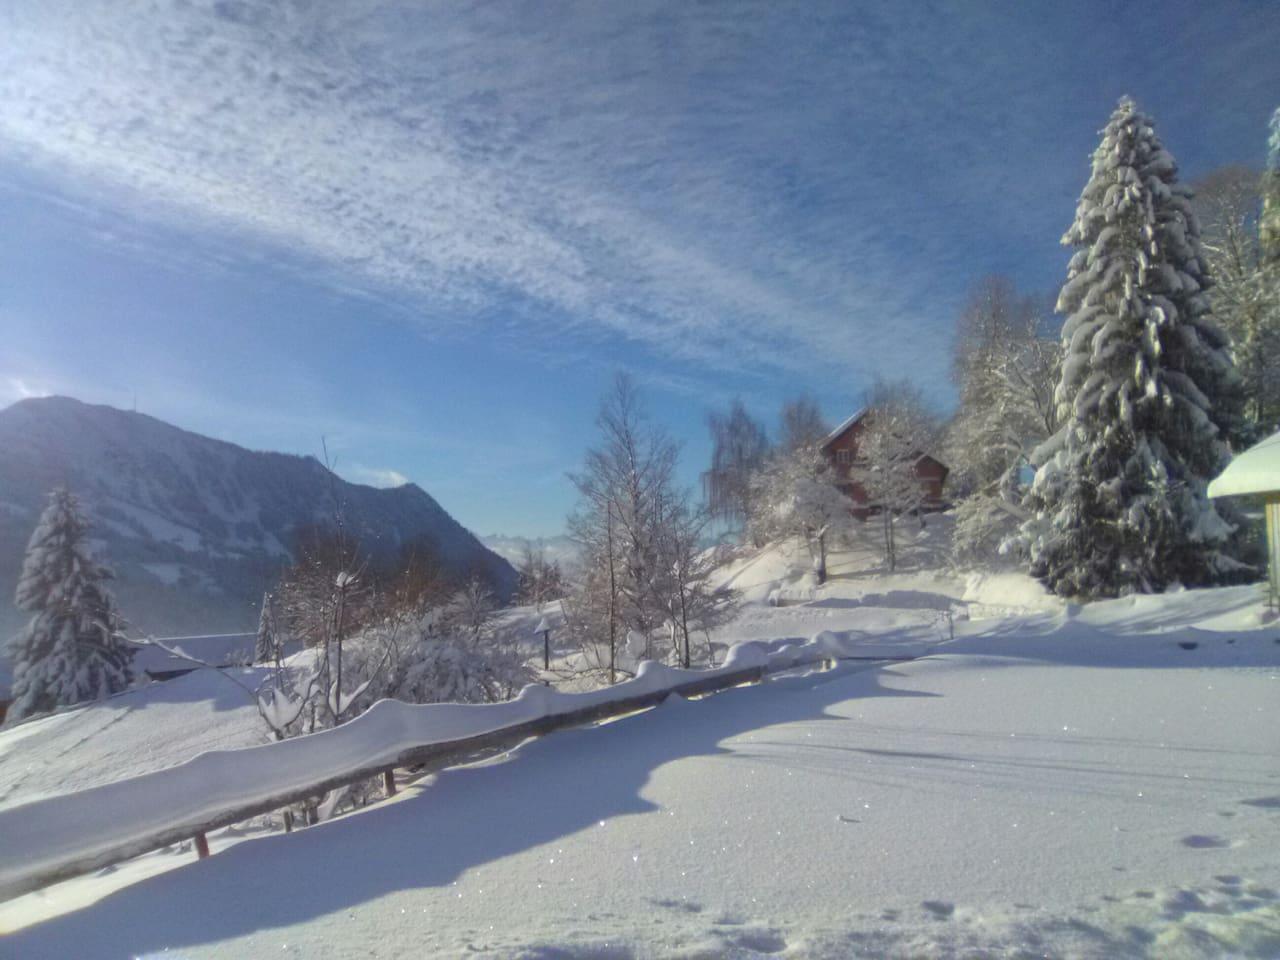 Unser alter Bergbauernhof liegt wunderbar ruhig auf dem Rottachberg, bietet einen herrlichen Blick, urige Gemütlichkeit mit Holzofen und viele Wandermöglichkeiten ( auch mit Schneeschuhen) vom Haus aus.